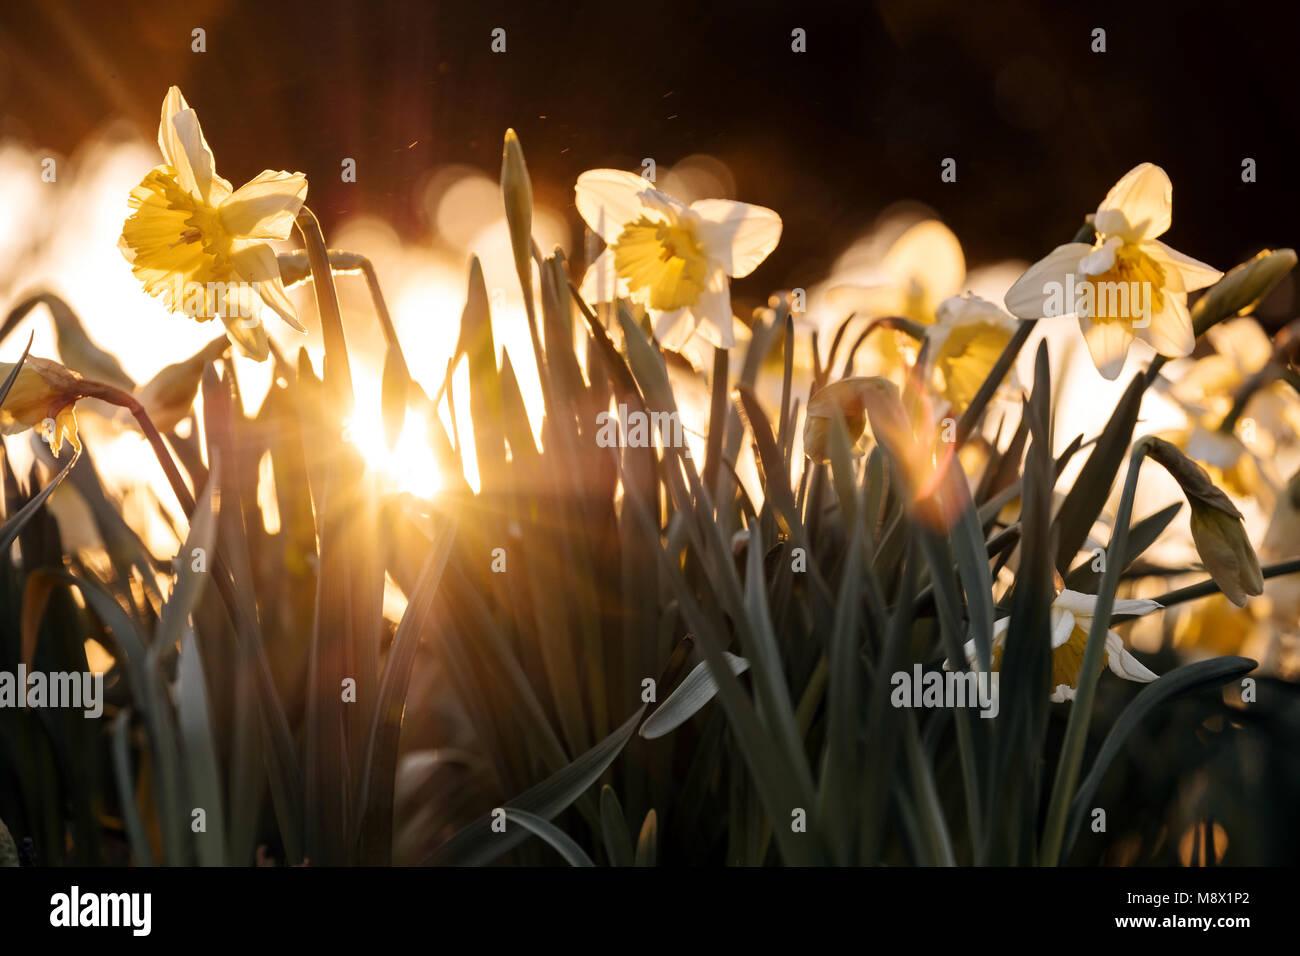 Licht Düsseldorf 19 märz 2018 deutschland düsseldorf gelbe narzissen sind durch